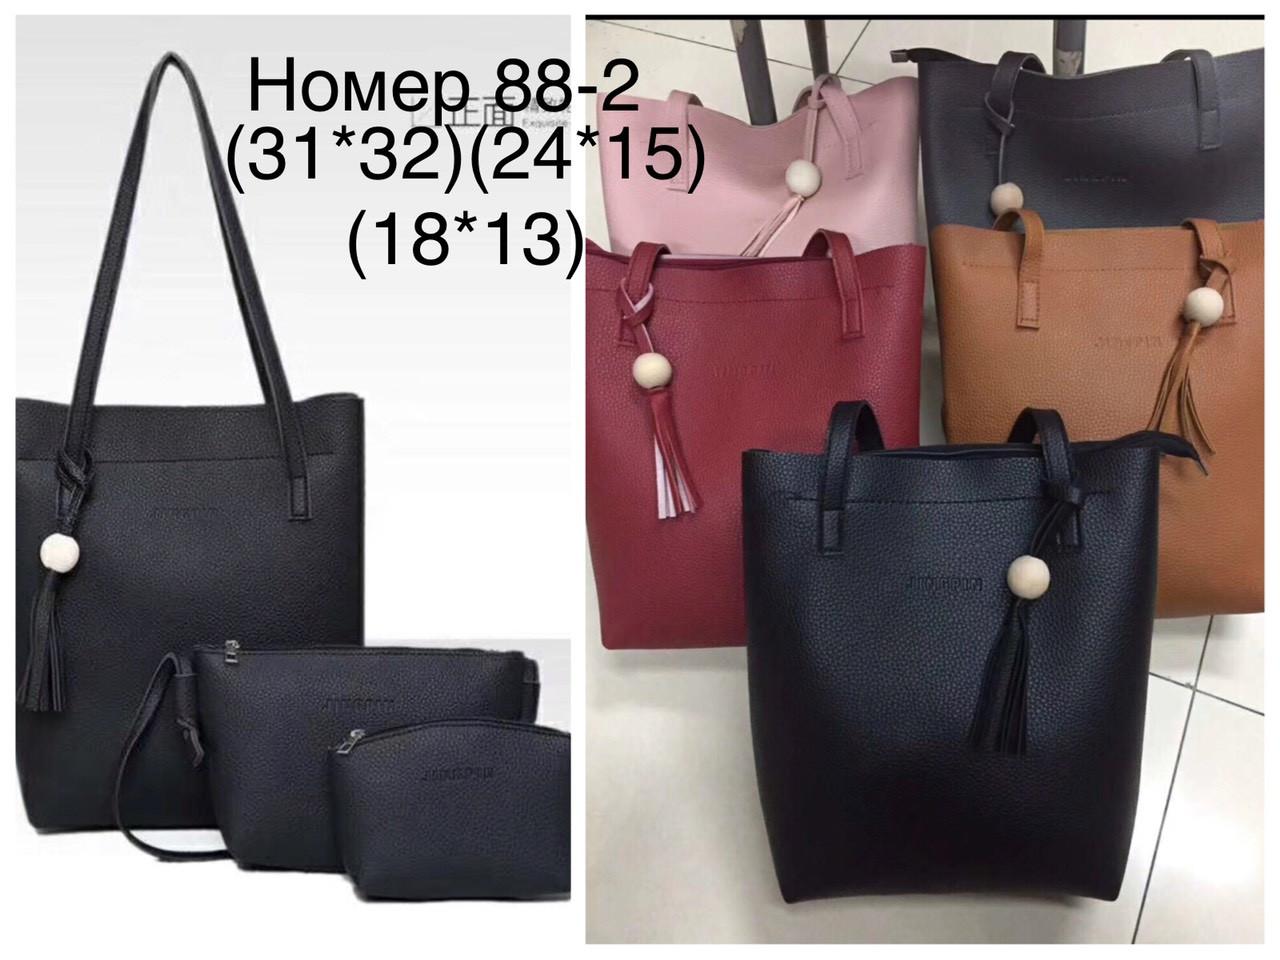 a35cad5567a2 Женские сумки 3 в 1 в ассортименте цветов оптом : продажа, цена в ...